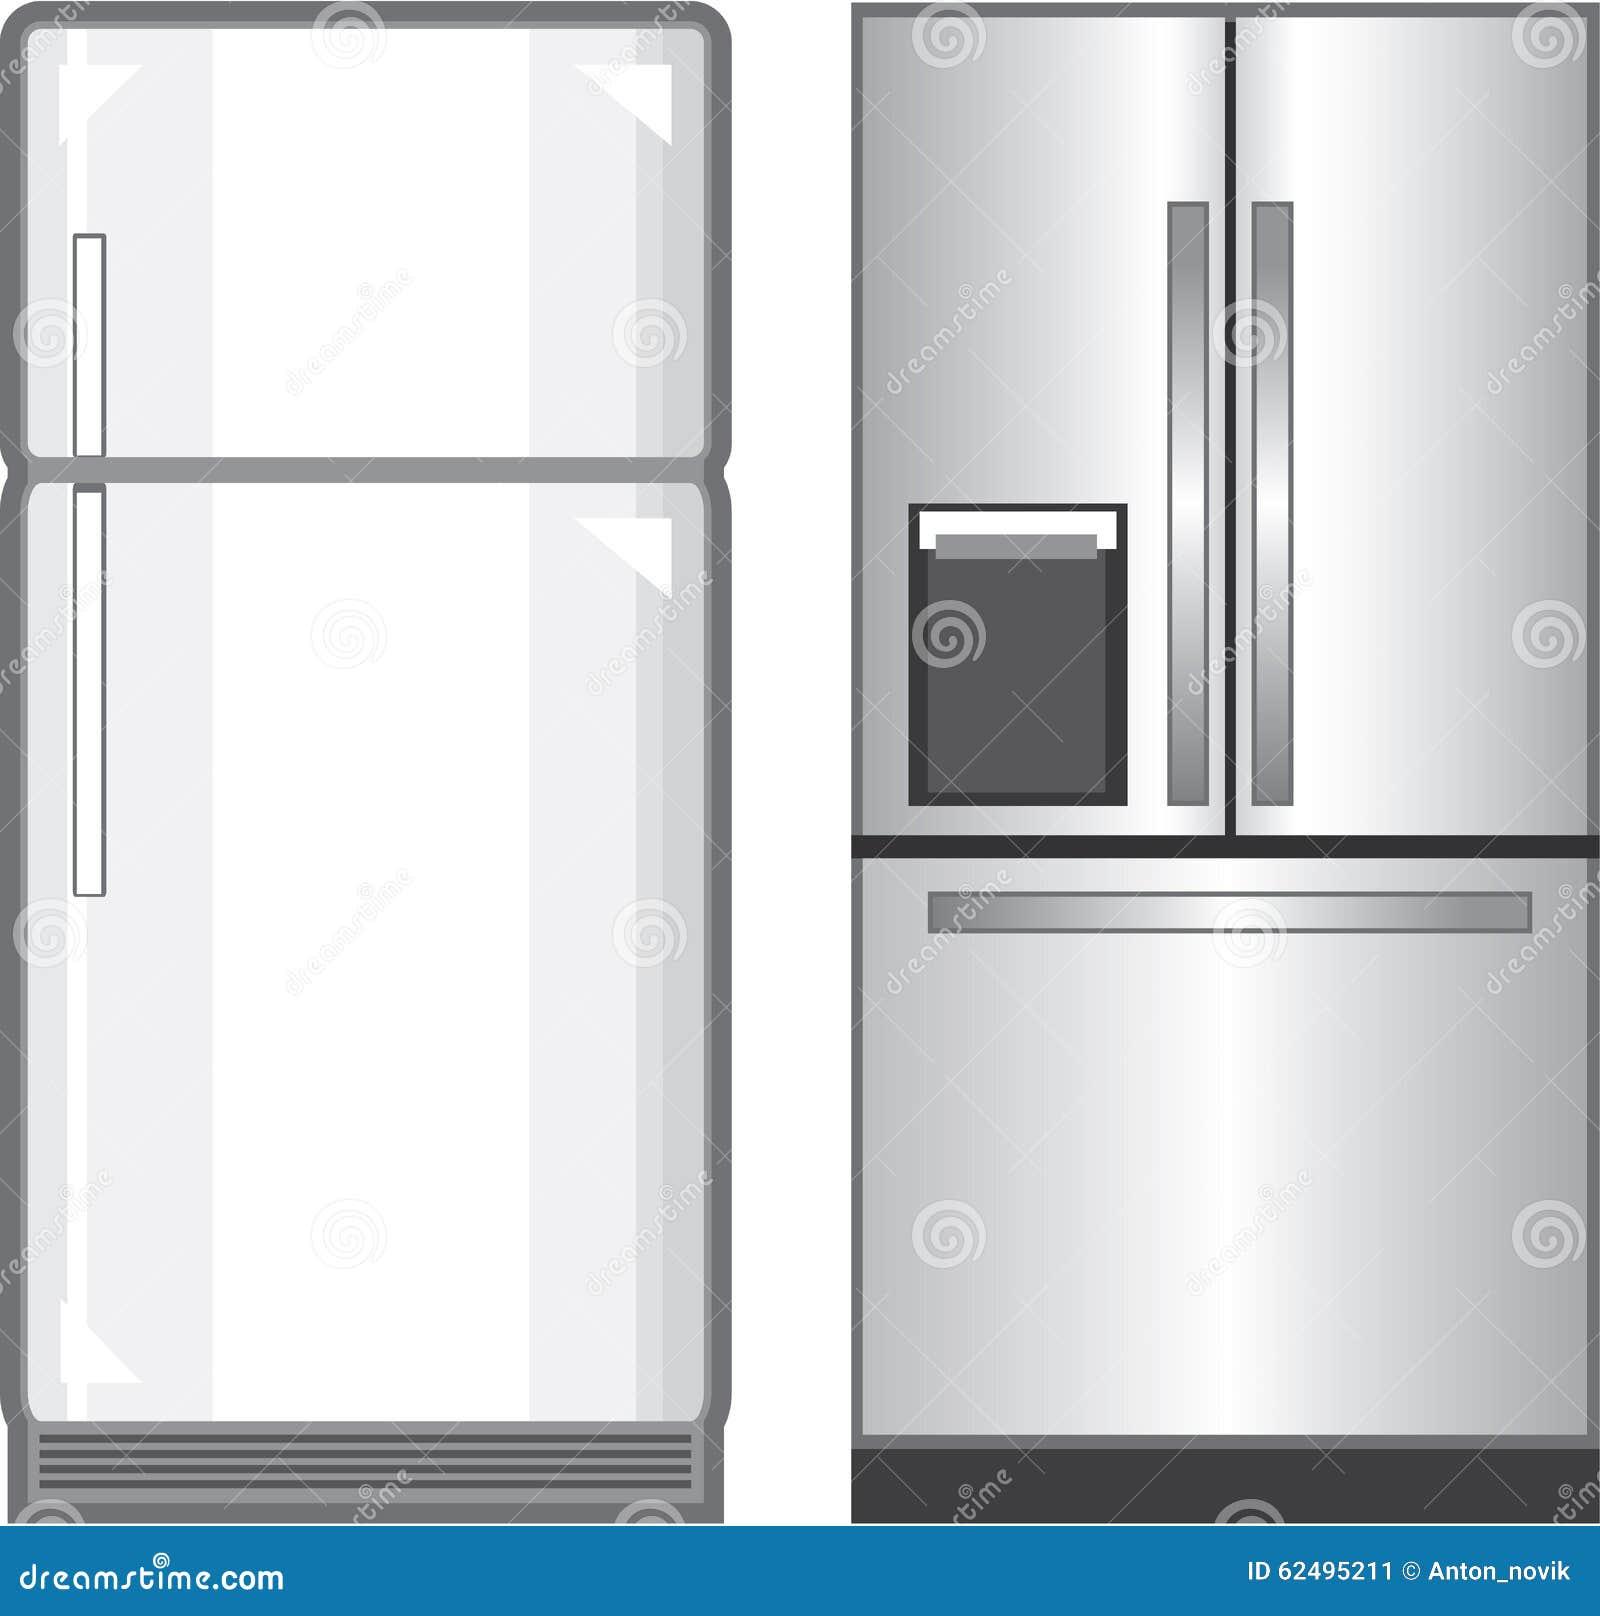 Messy Refrigerator: Messy Refrigerator Clip Art